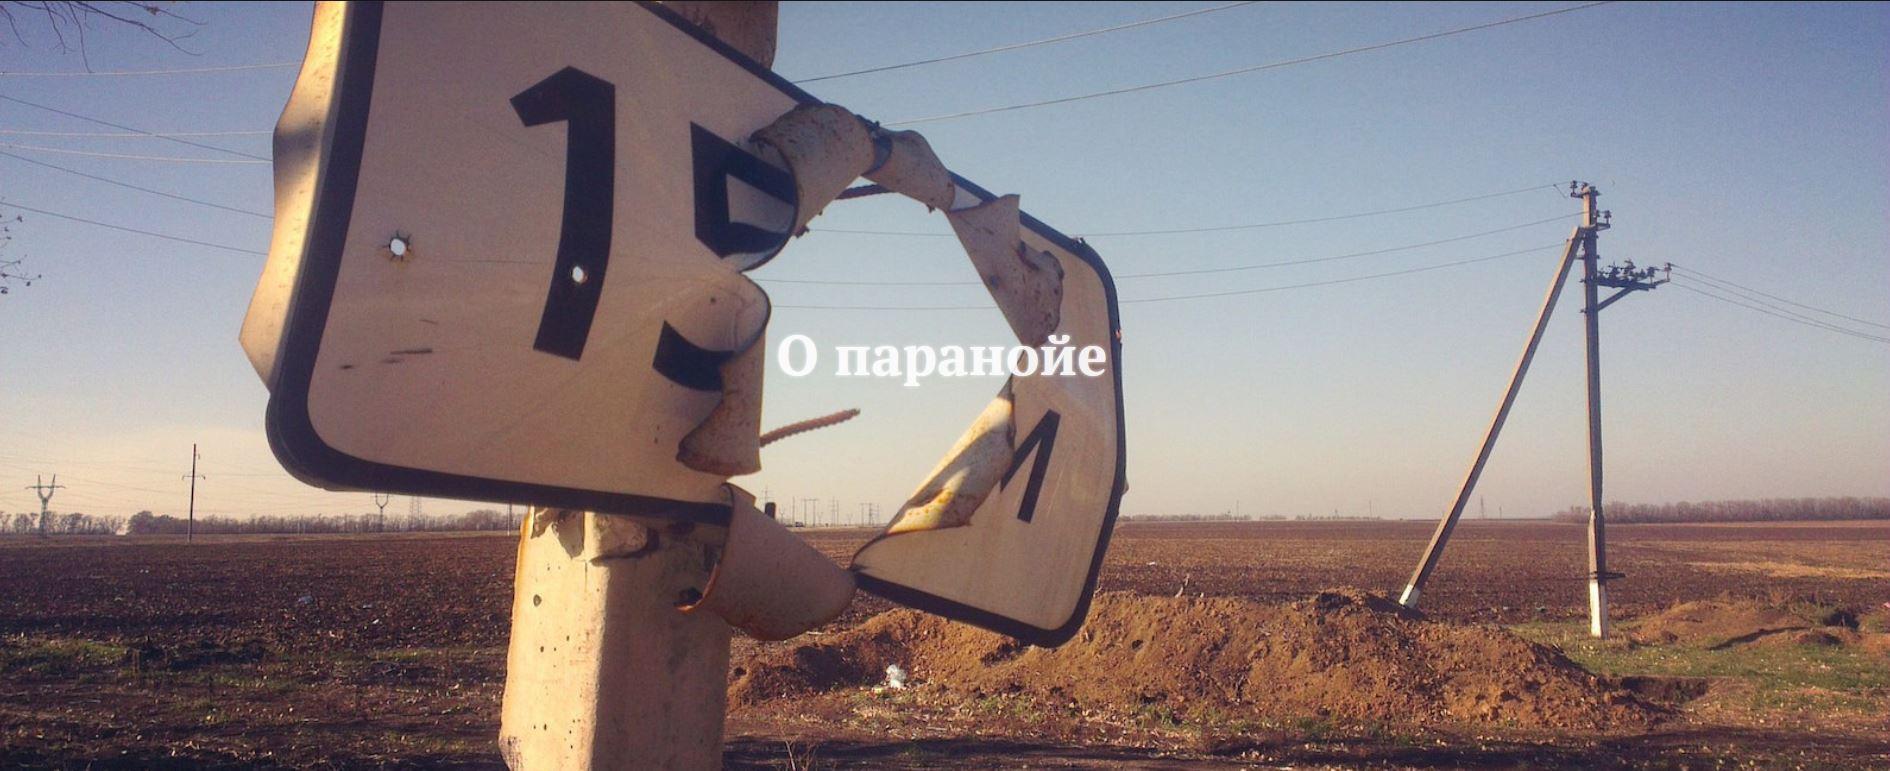 Жизнь в ДНР глазами стандартного человека (ФОТО)